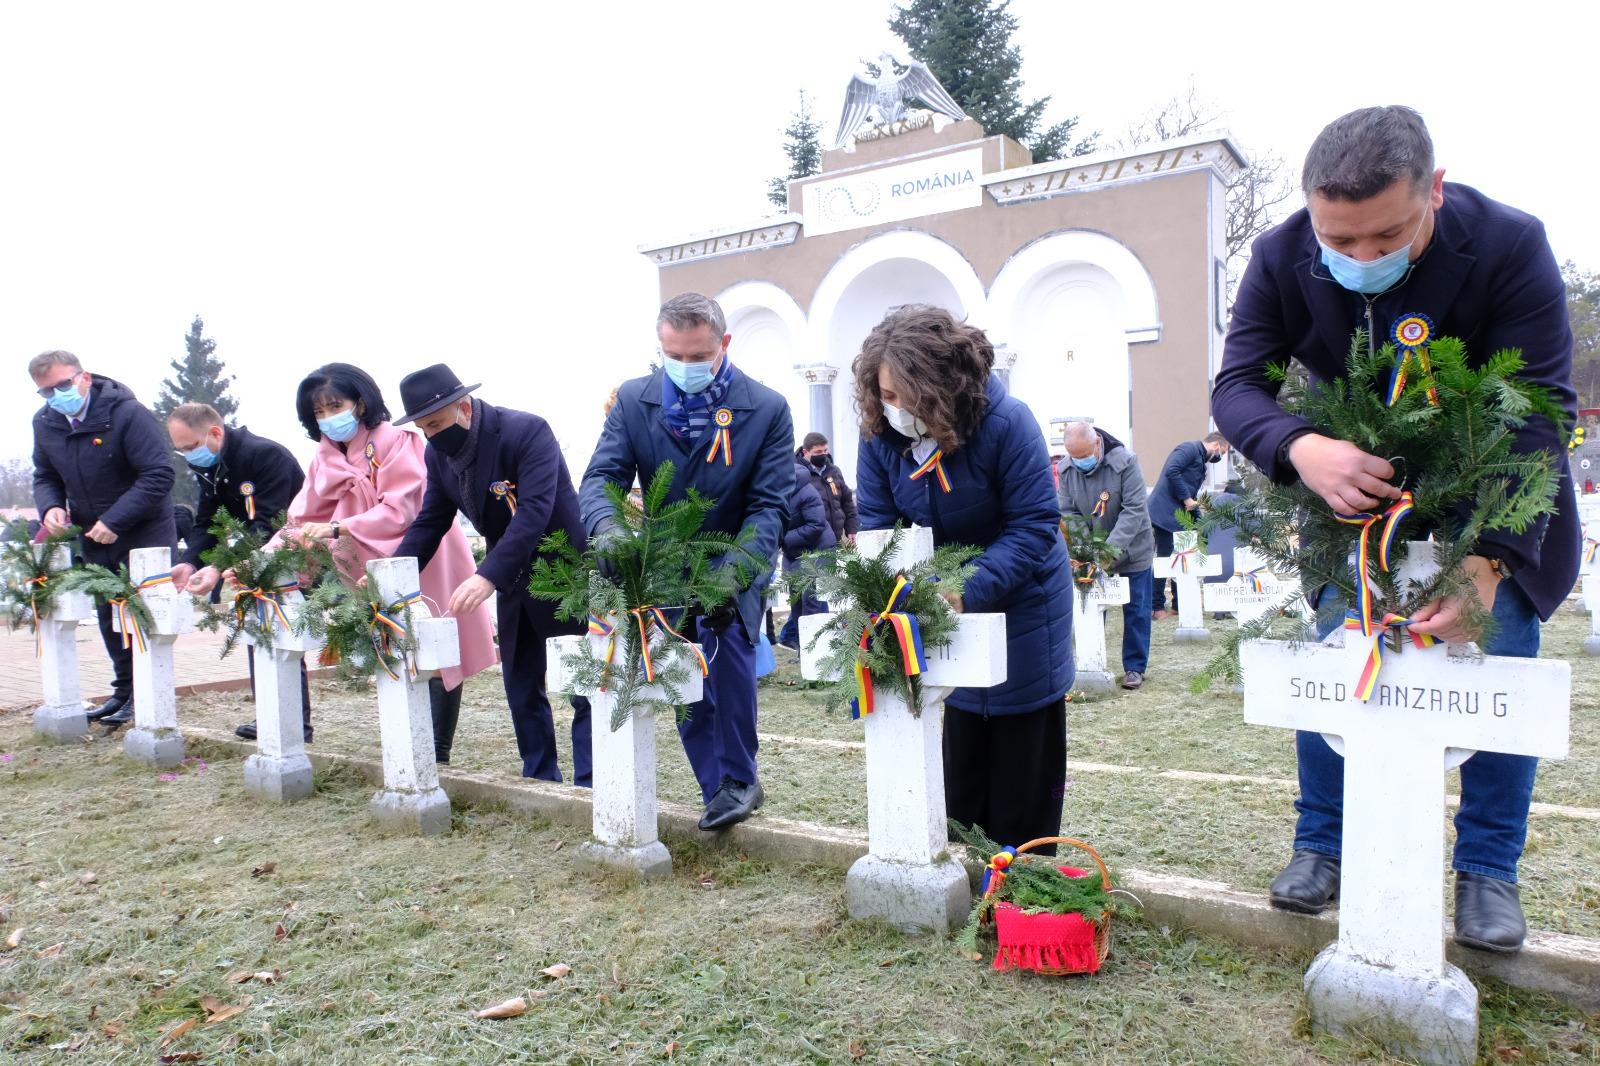 Ziua de 1 Decembrie, ziua dedicată tuturor românilor, nu a trecut neobservată, în actualul context epidemiologic